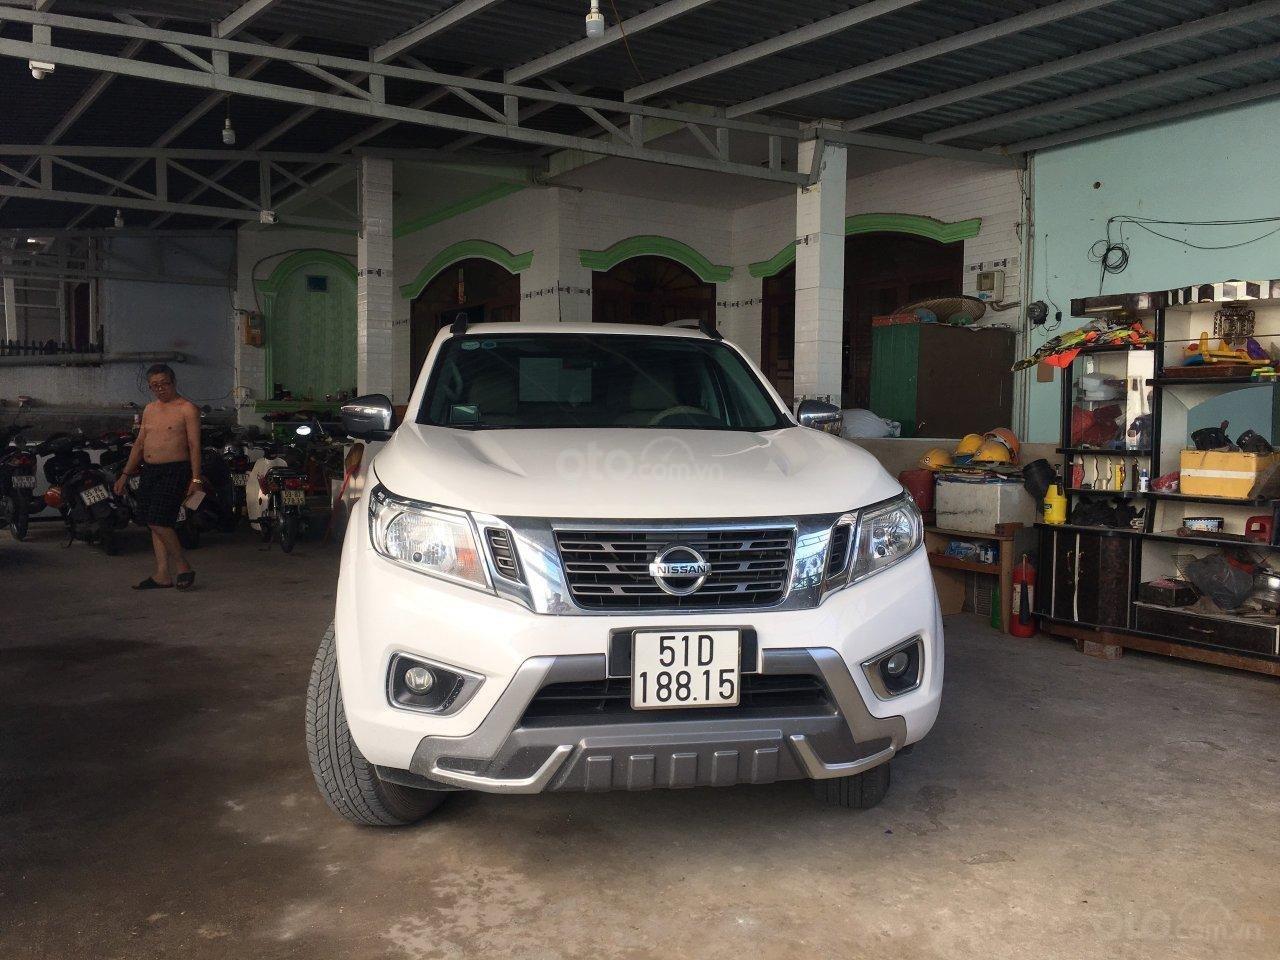 Bán gấp xe Nissan Navara 2017 nhập khẩu Thái nguyên chiếc, LH: 0933904541 (1)